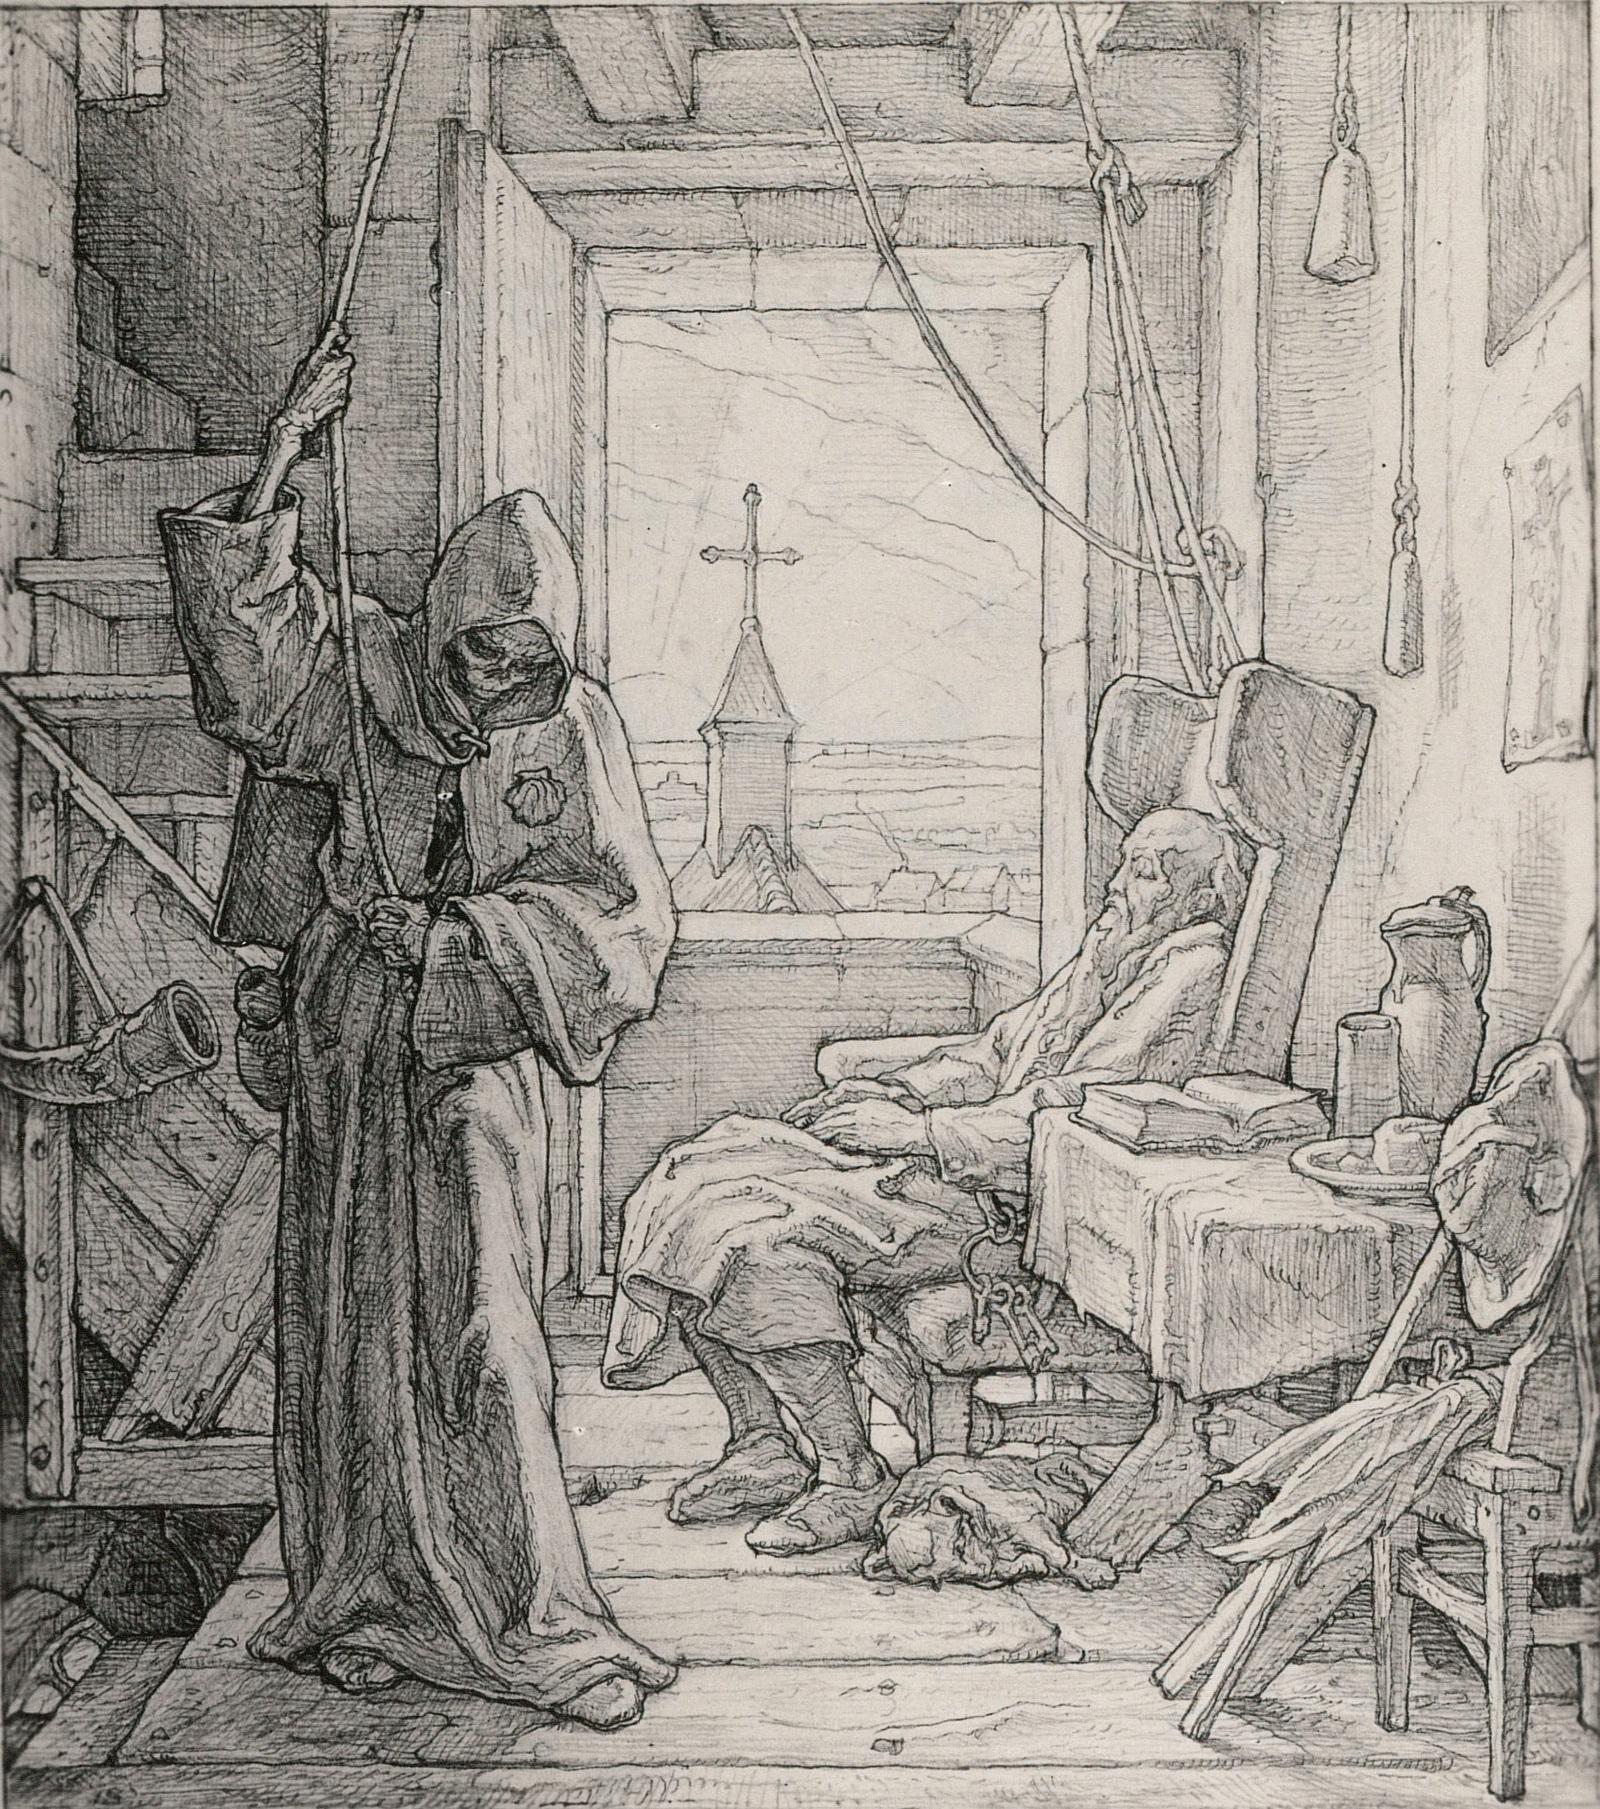 Alfred_Rethel 1851 La Mort comme Amie Tod als Freund dessin kupferstichkabinett dresde inverse